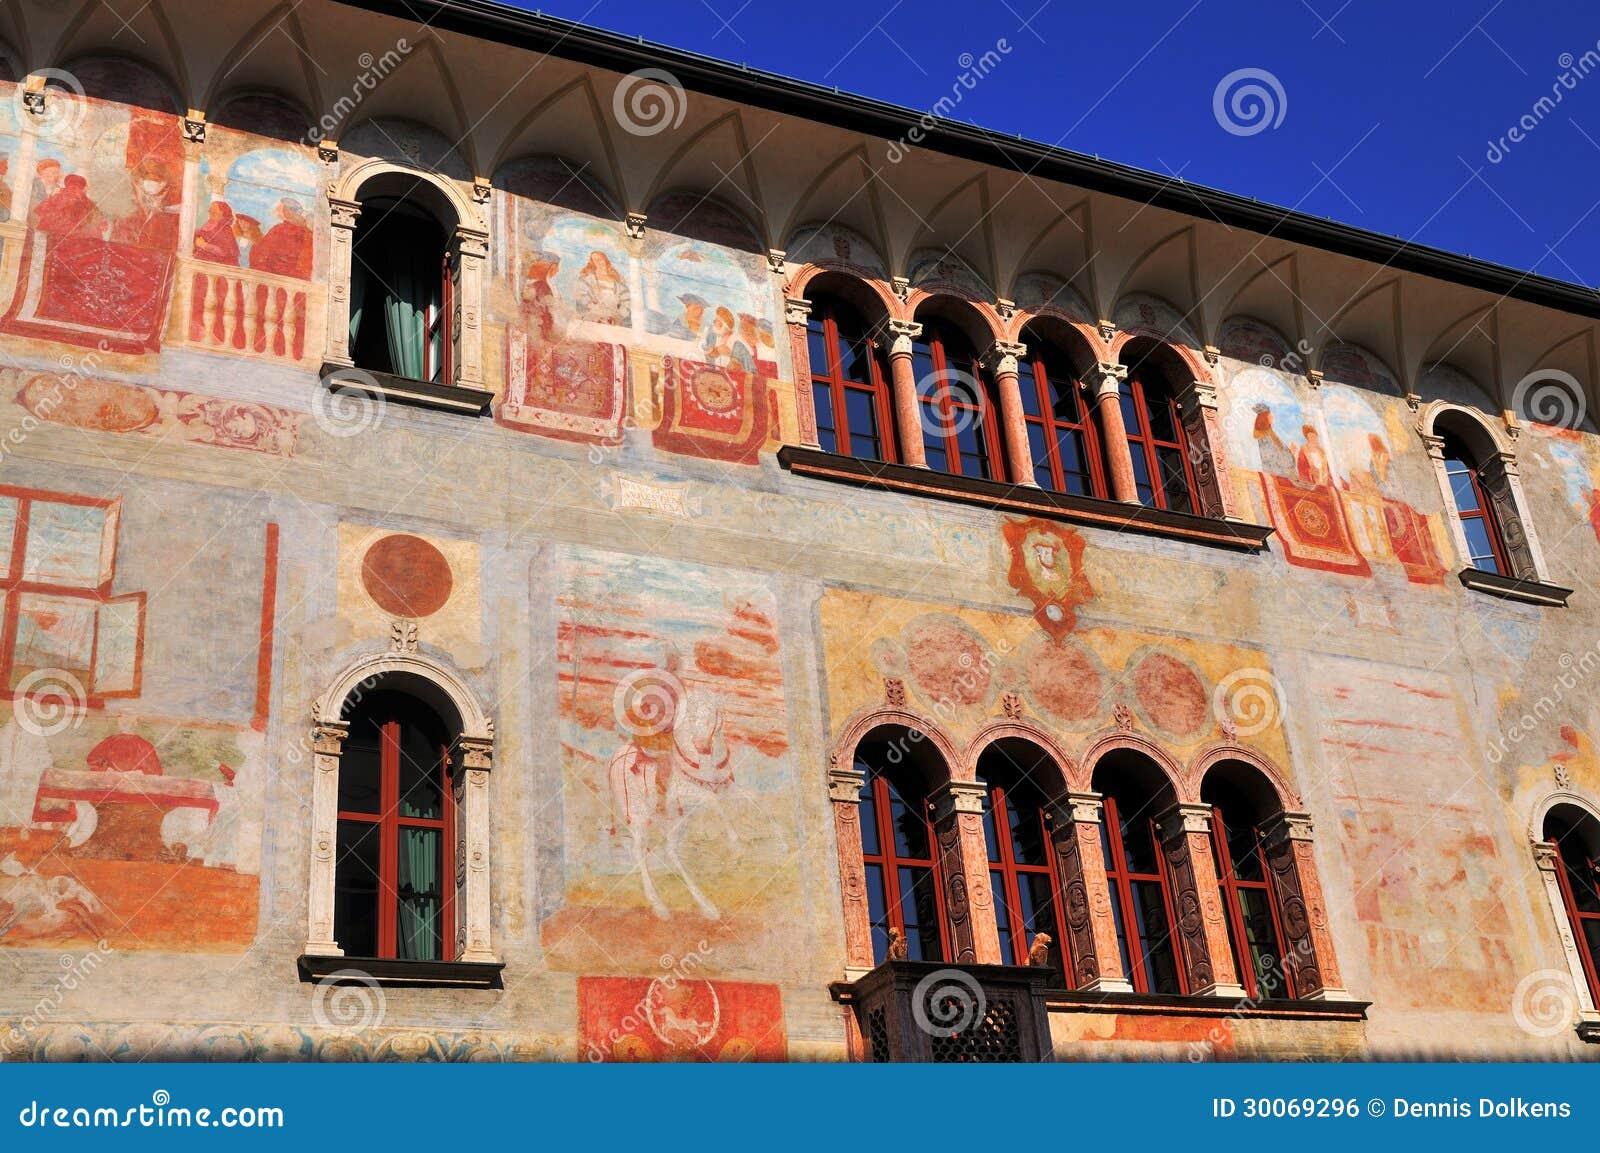 Σπίτια με τις νωπογραφίες, Trento, Ιταλία.